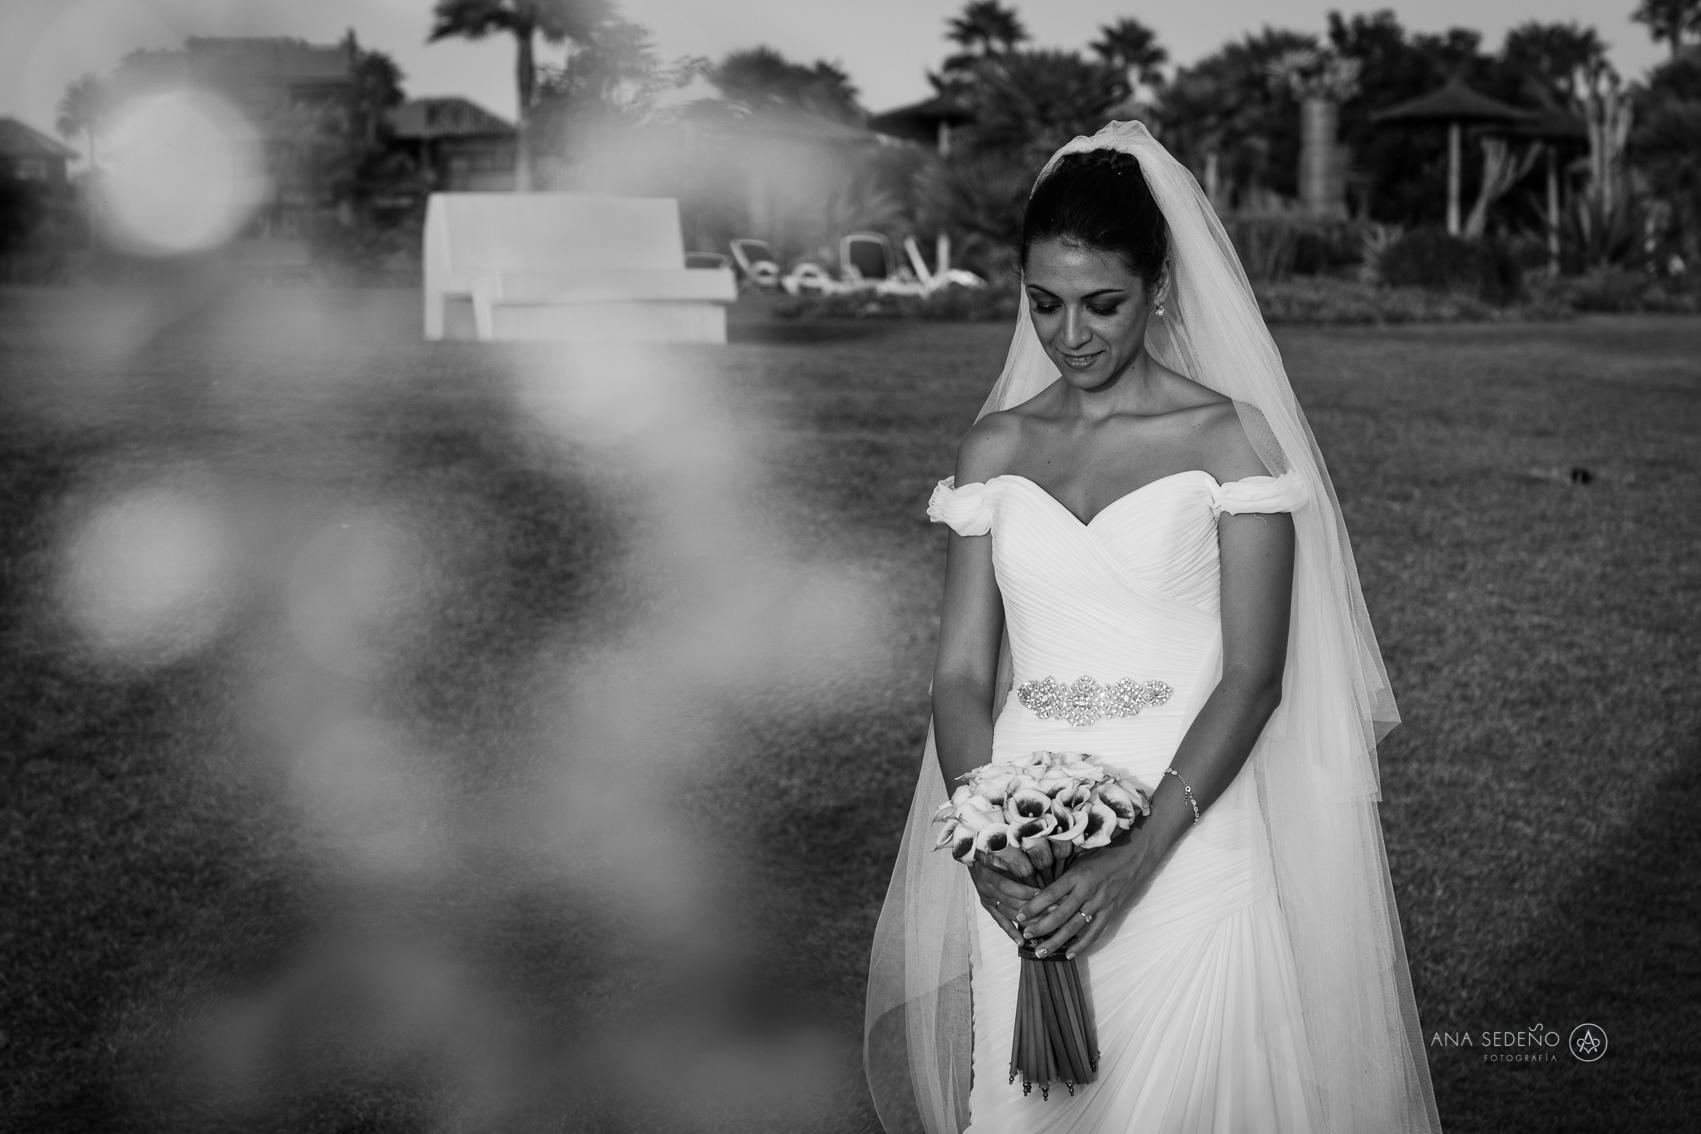 Ana Sedeño Fotografa.-108